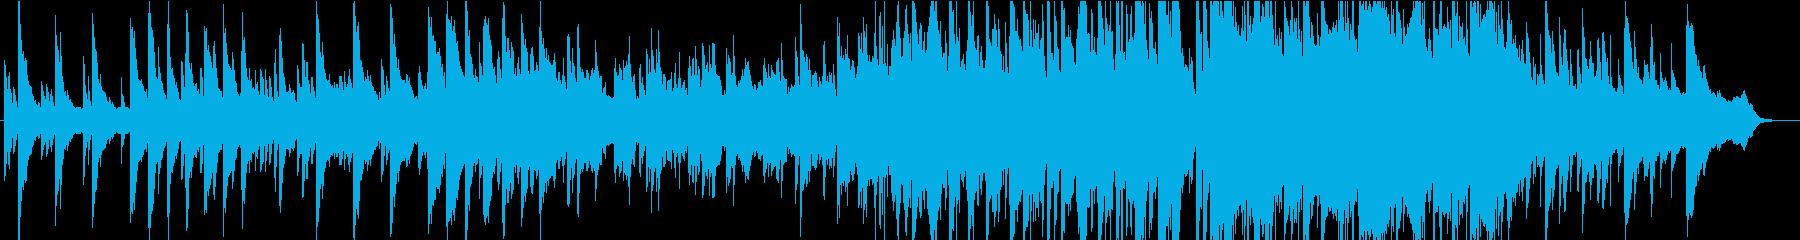 メロディのきれいな憂いのあるピアノ曲の再生済みの波形